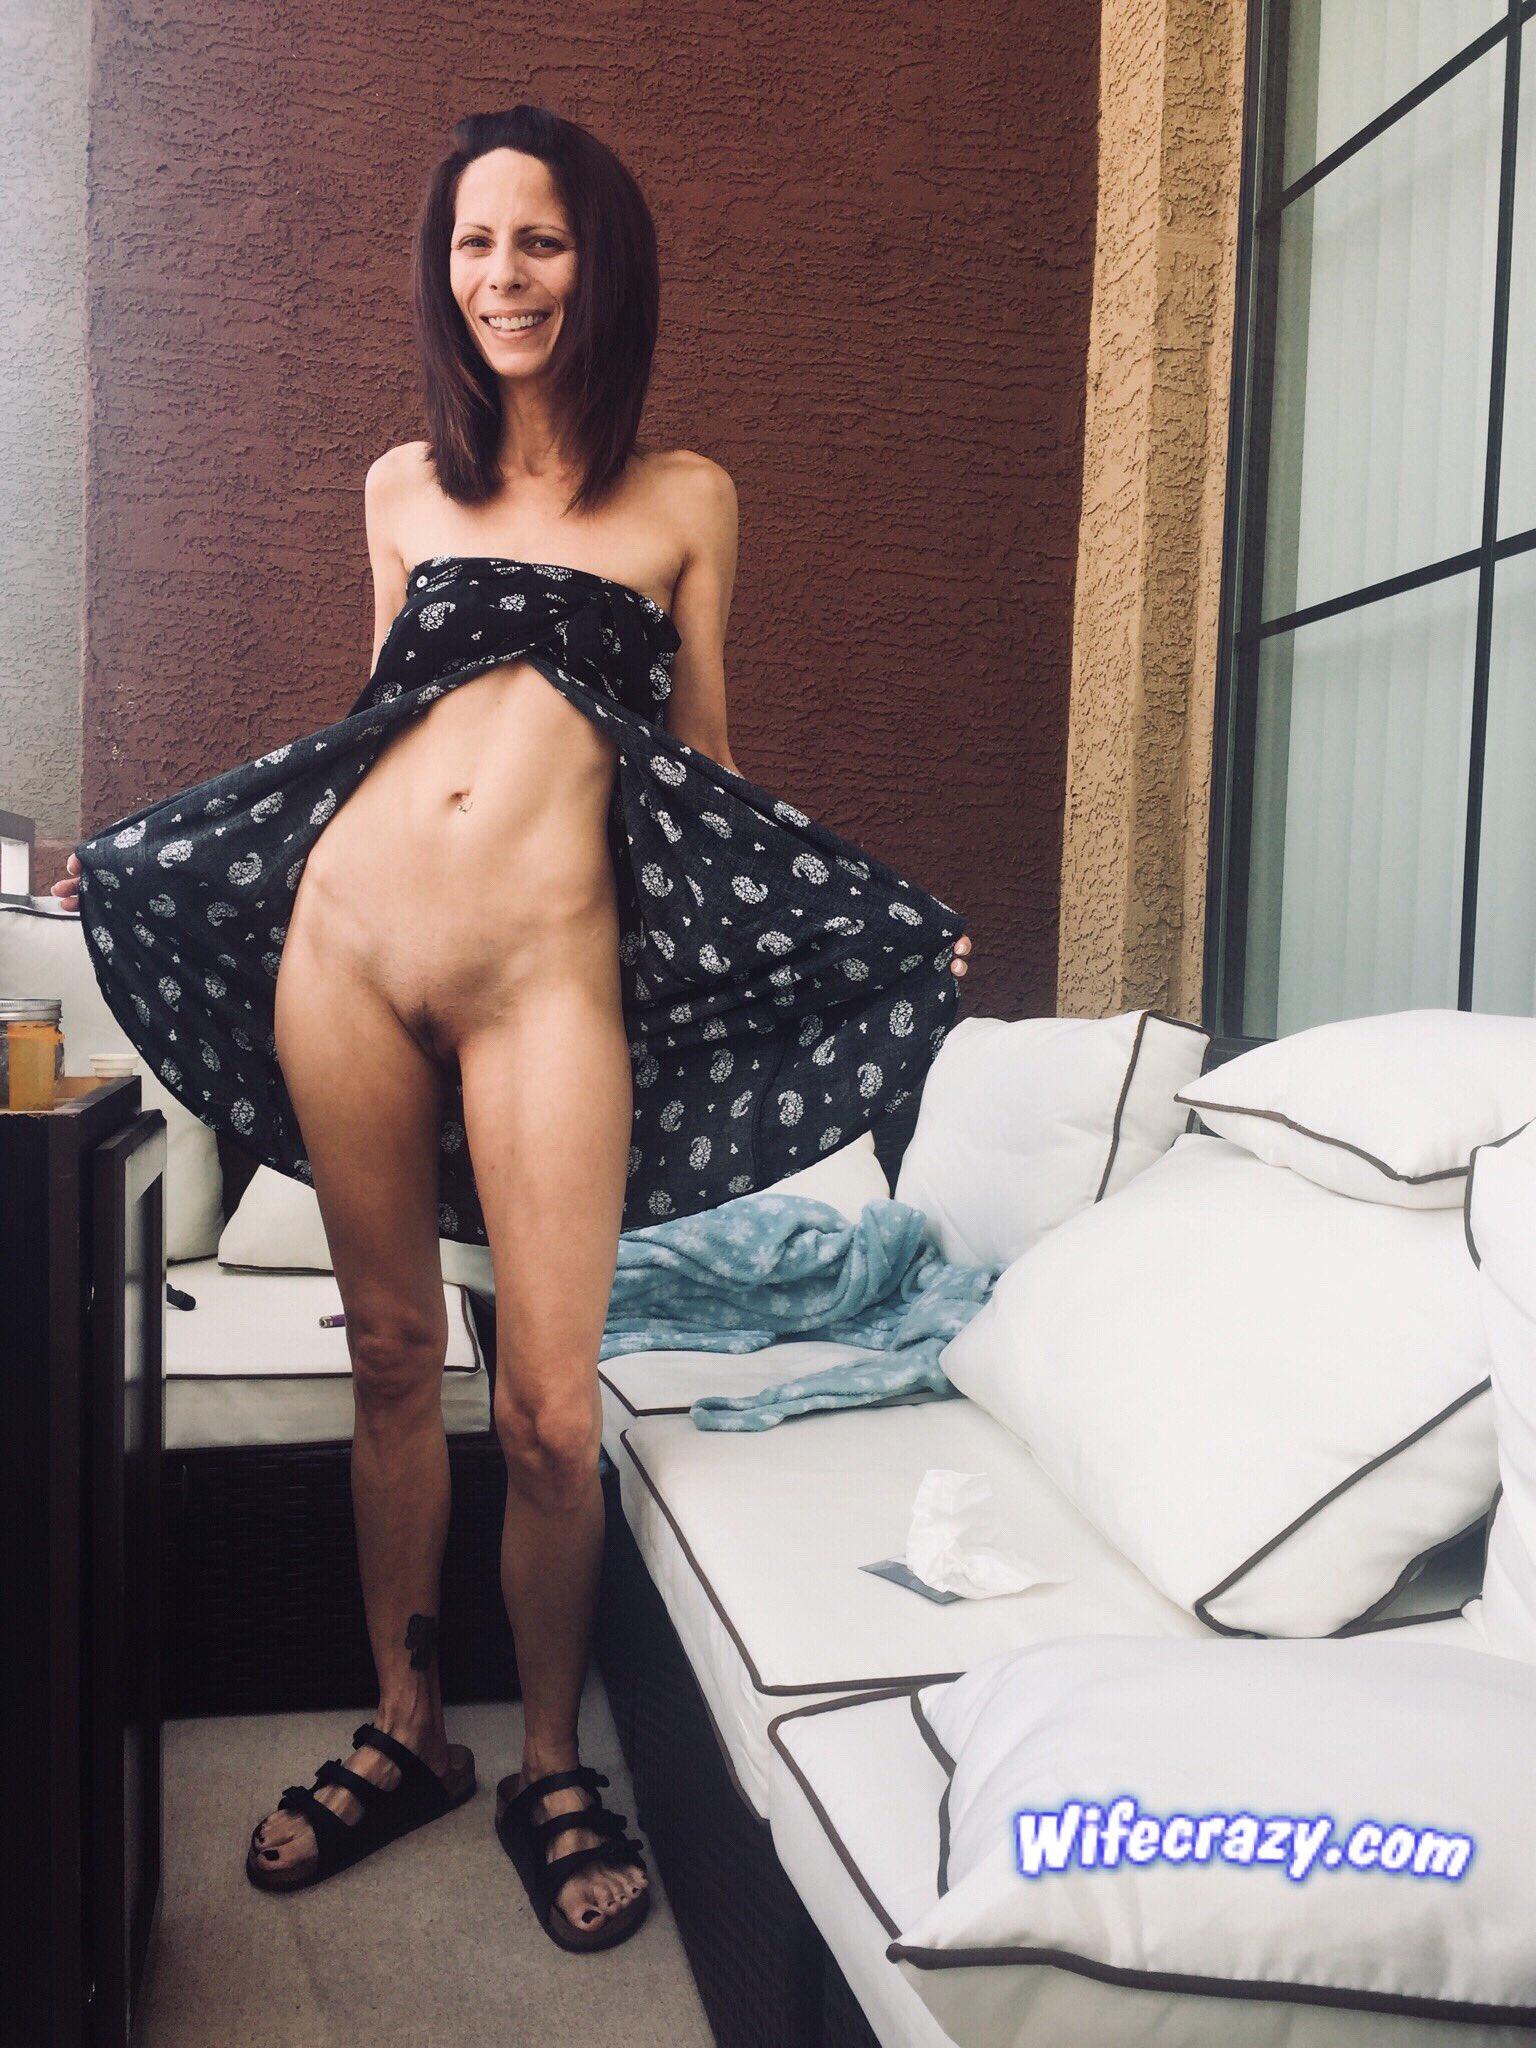 ПОРНО РУБКА  бесплатное порно видео скачать порно ролики